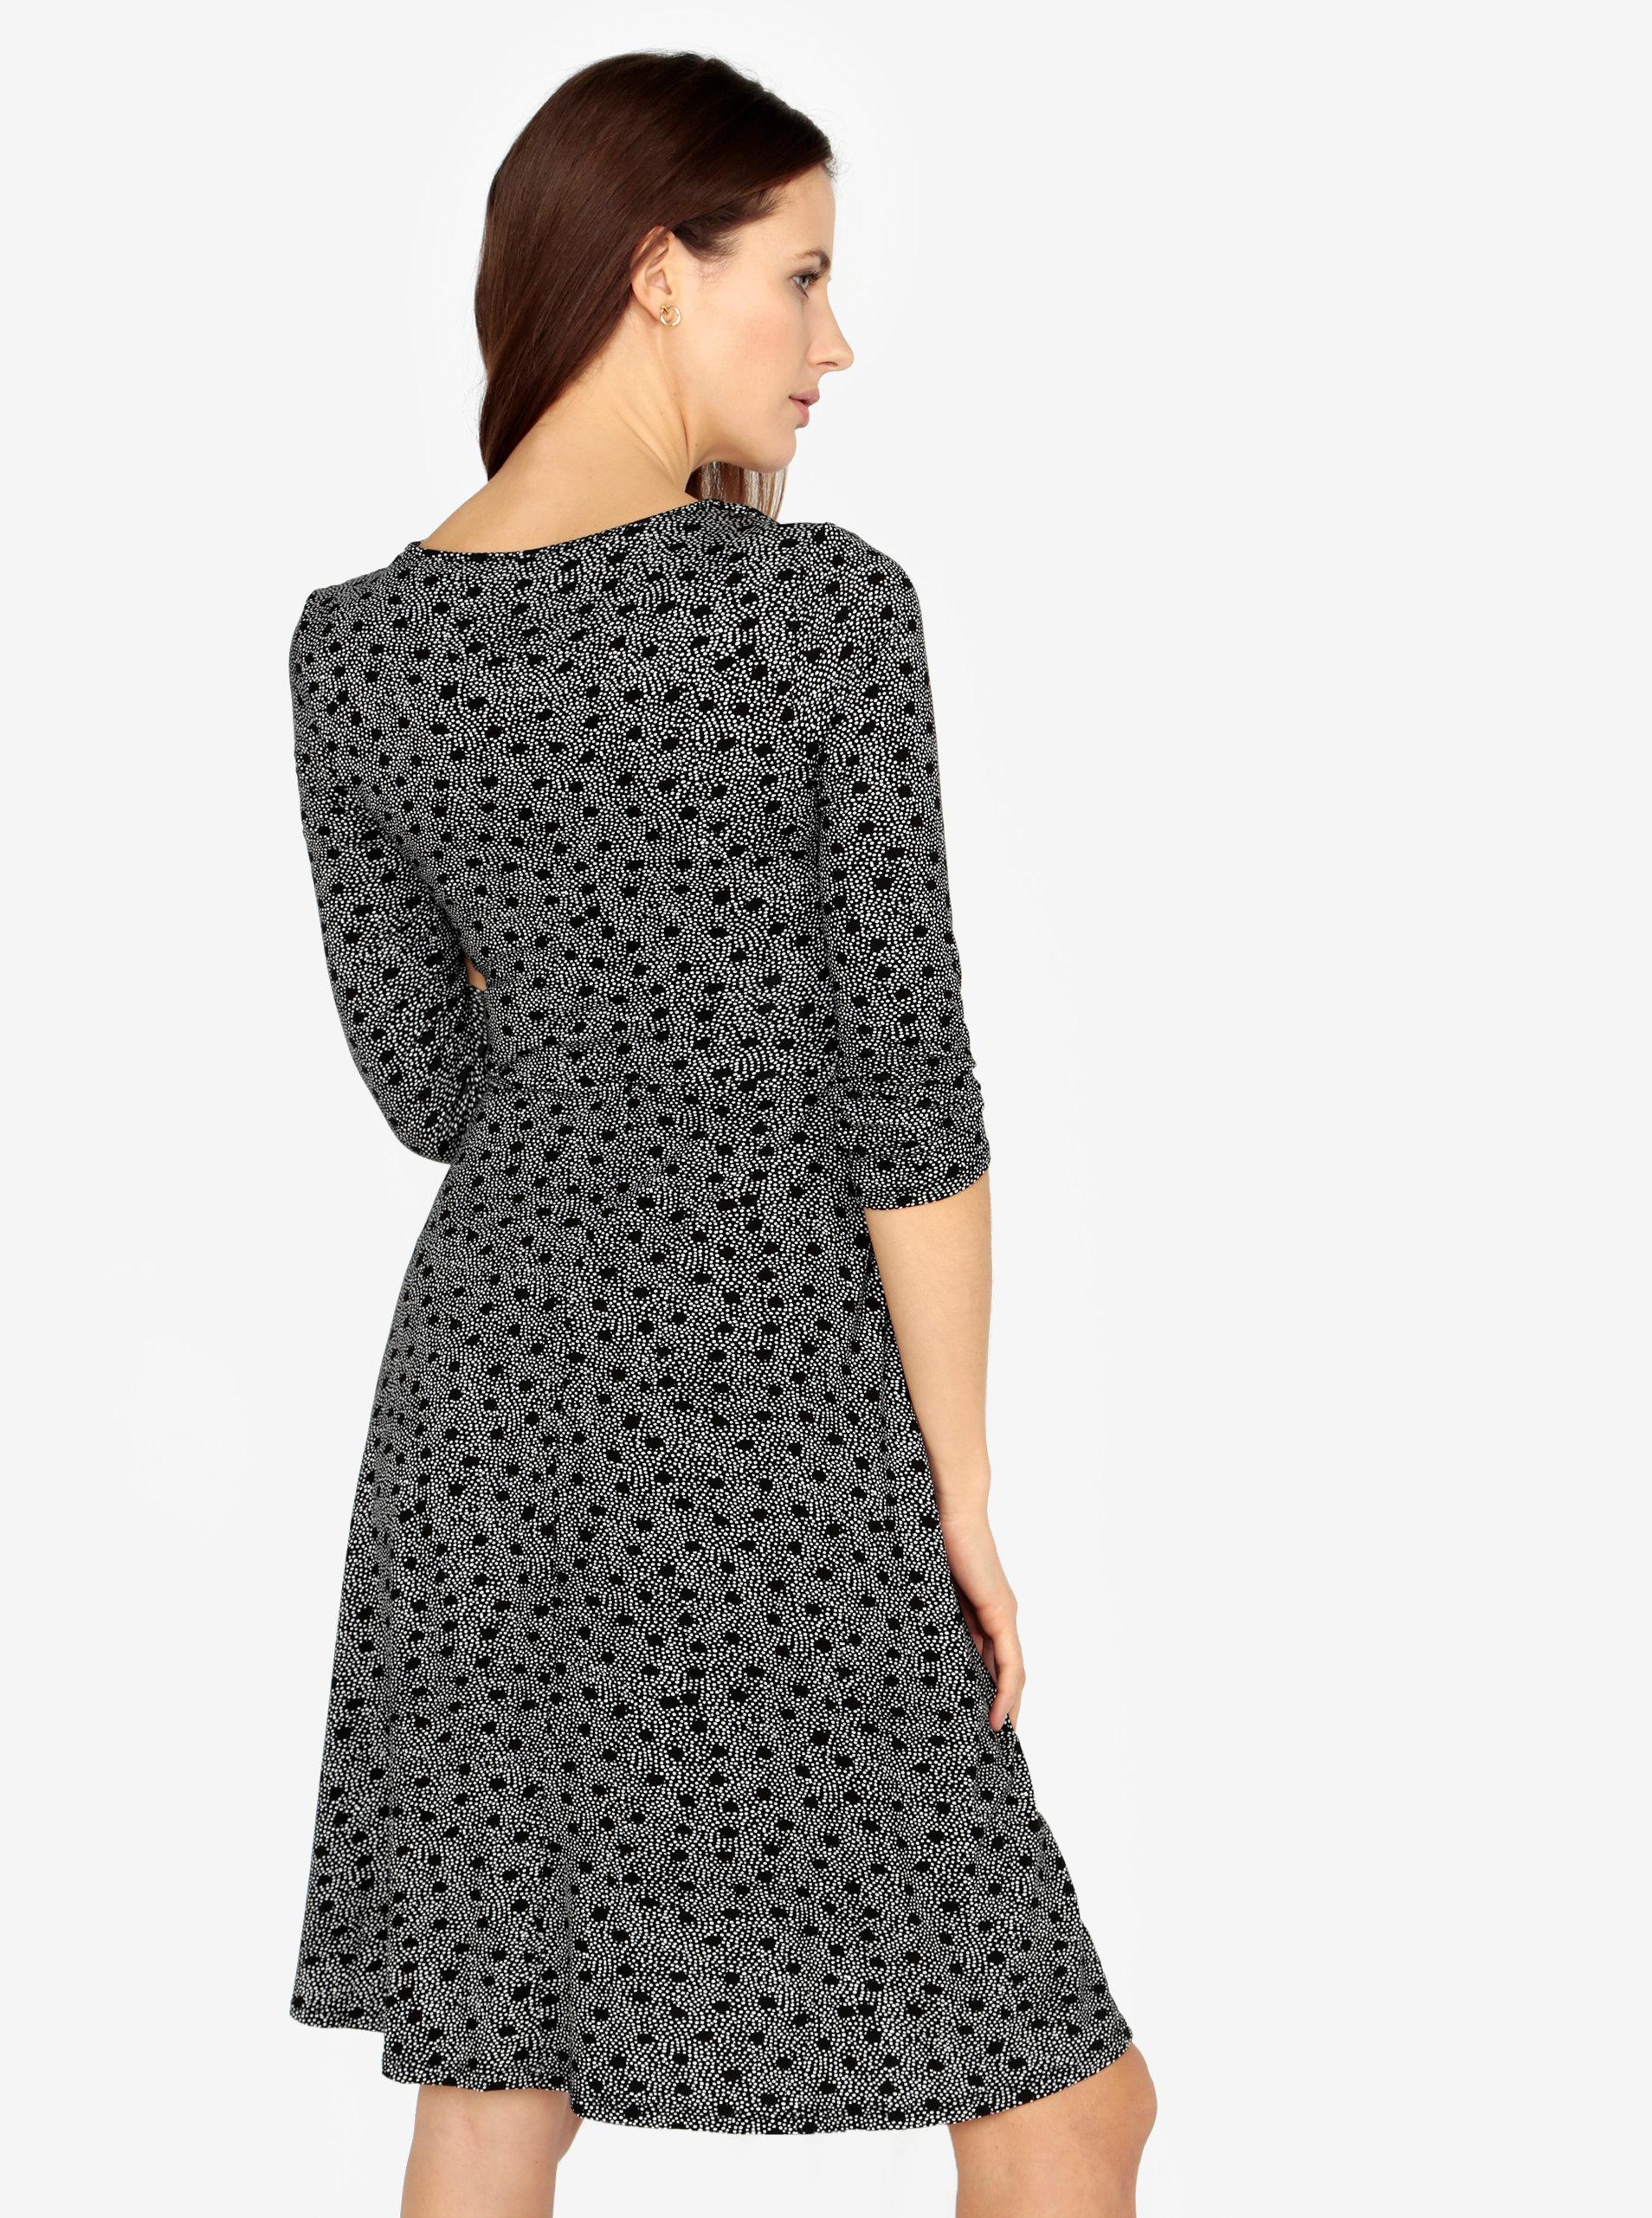 33bd1829f1b1 Bielo-čierne bodkované šaty s prekladaným výstrihom M Co ...